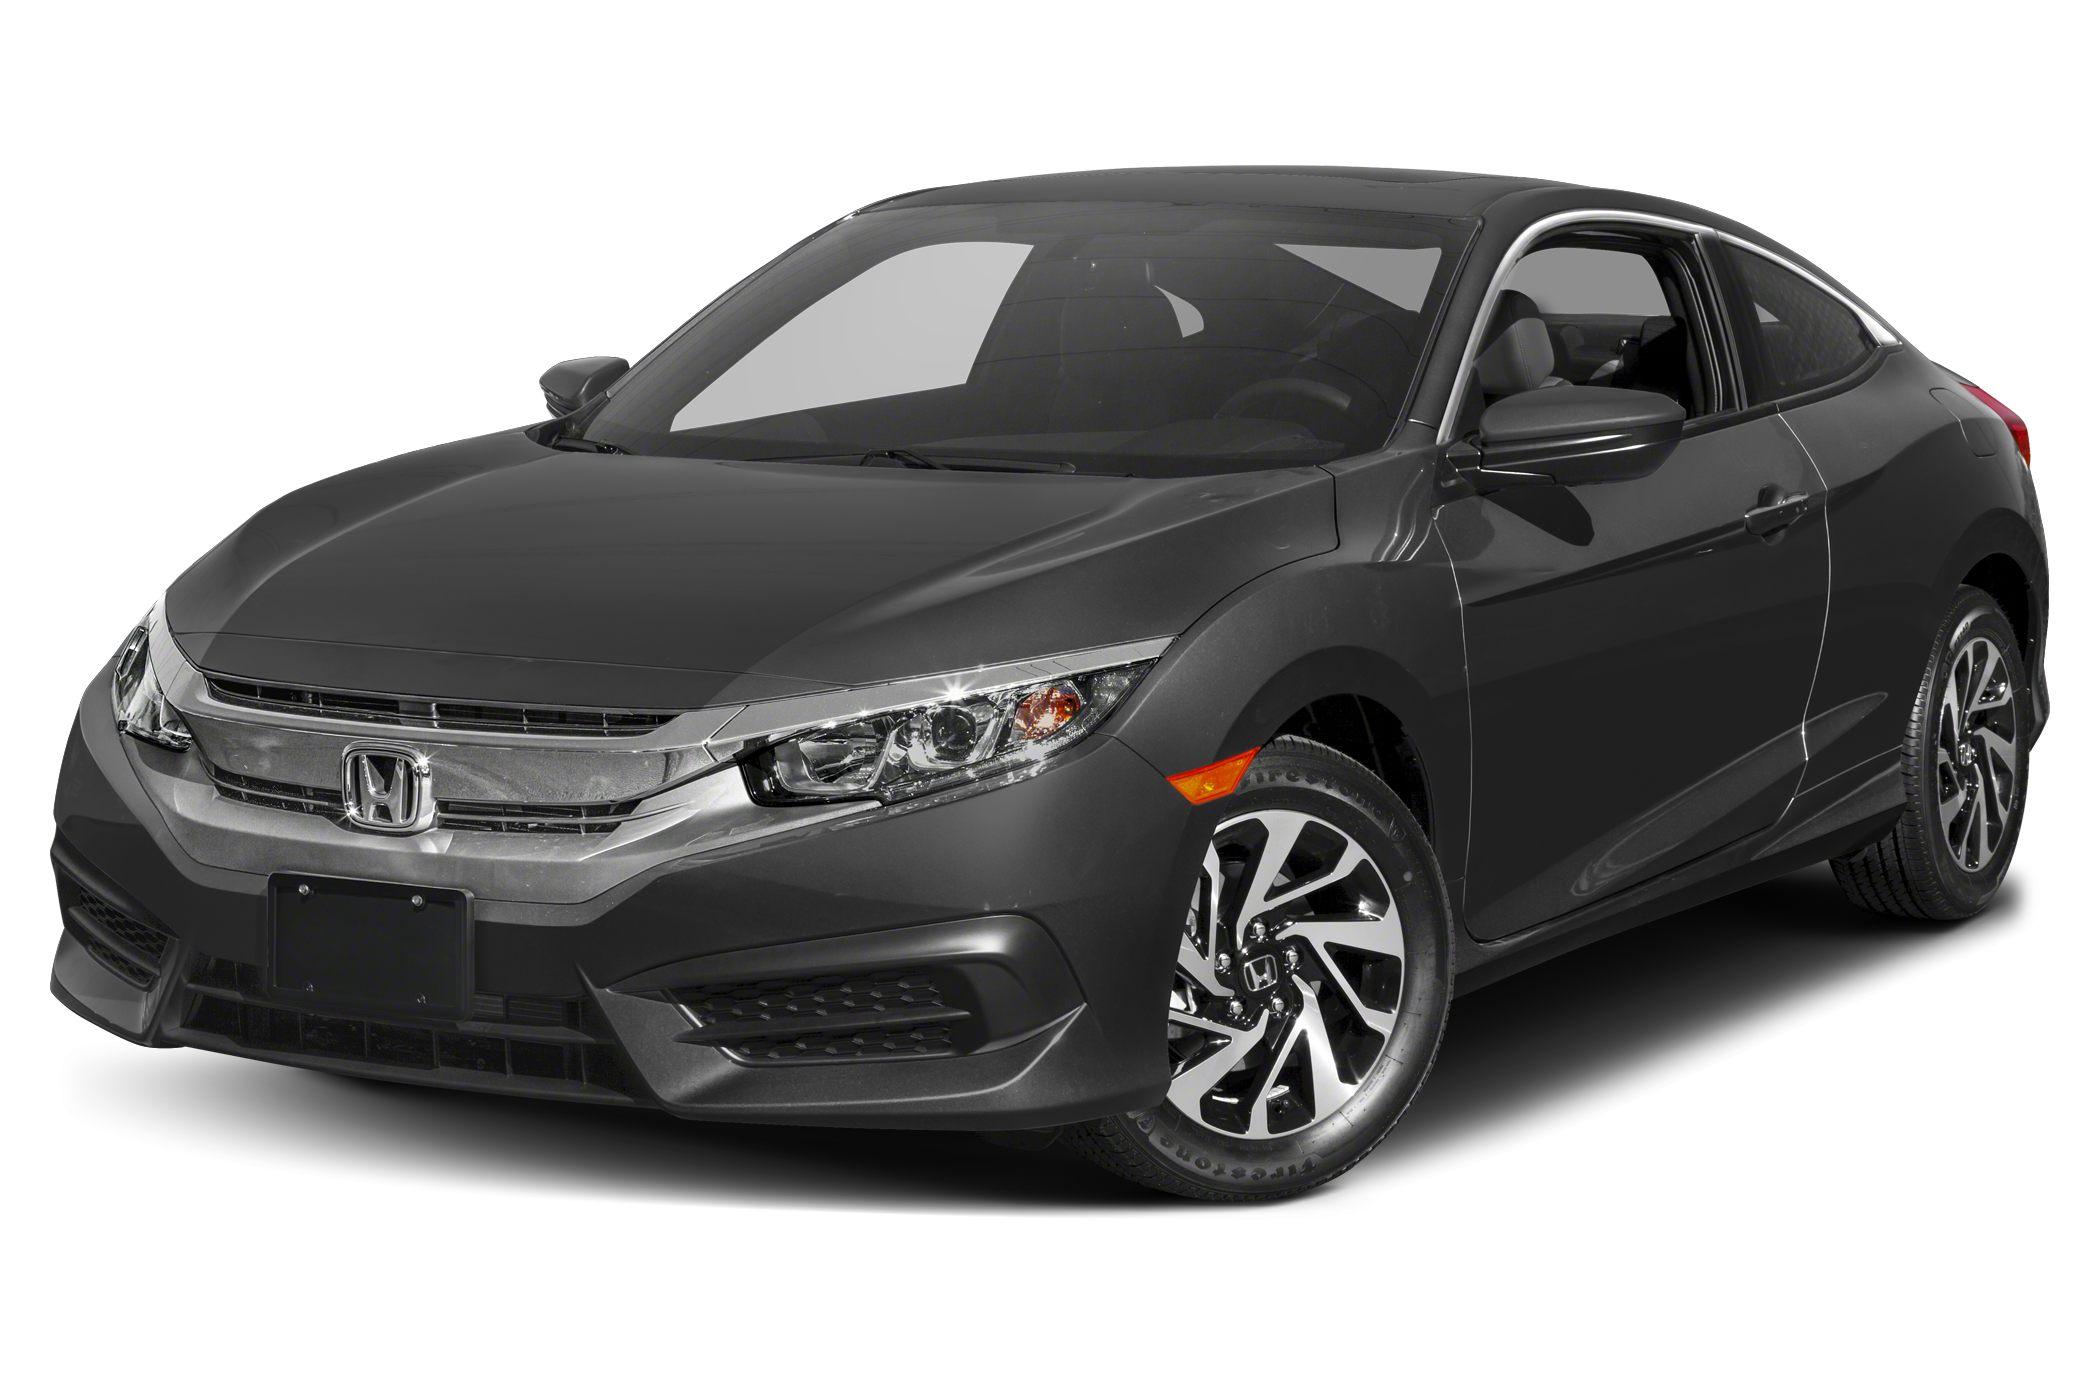 2017 Honda Civic LX-P 2dr Coupe